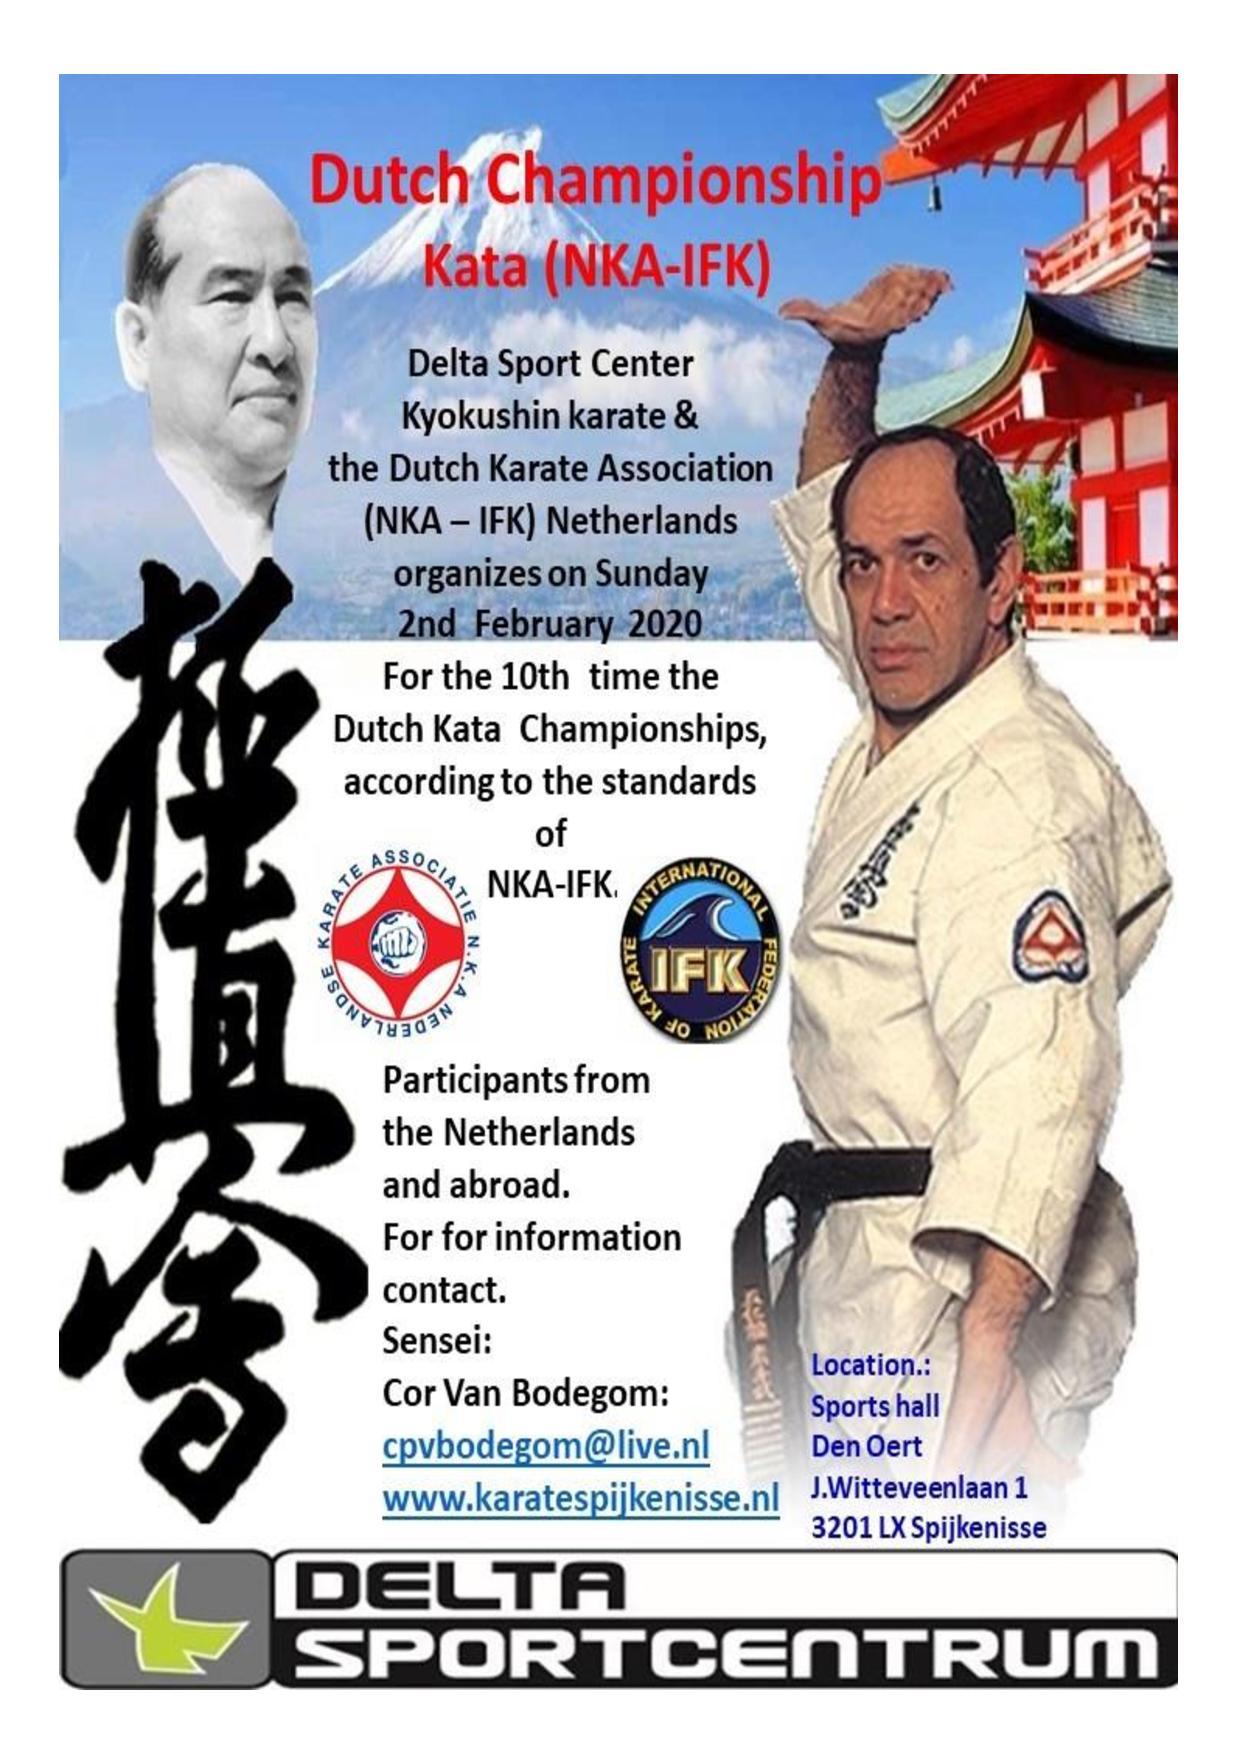 dutch poster 2020 eng kata-page-001.jpg